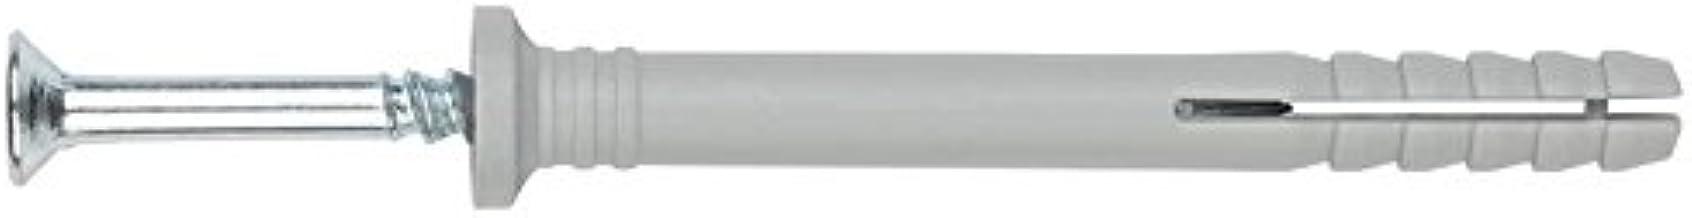 Fixtout clou t/ête frais/ée Blister de 10 chevilles nylon /à frapper t/ête frais/ée NHS D 8 x Lt Fixtout 140 mm